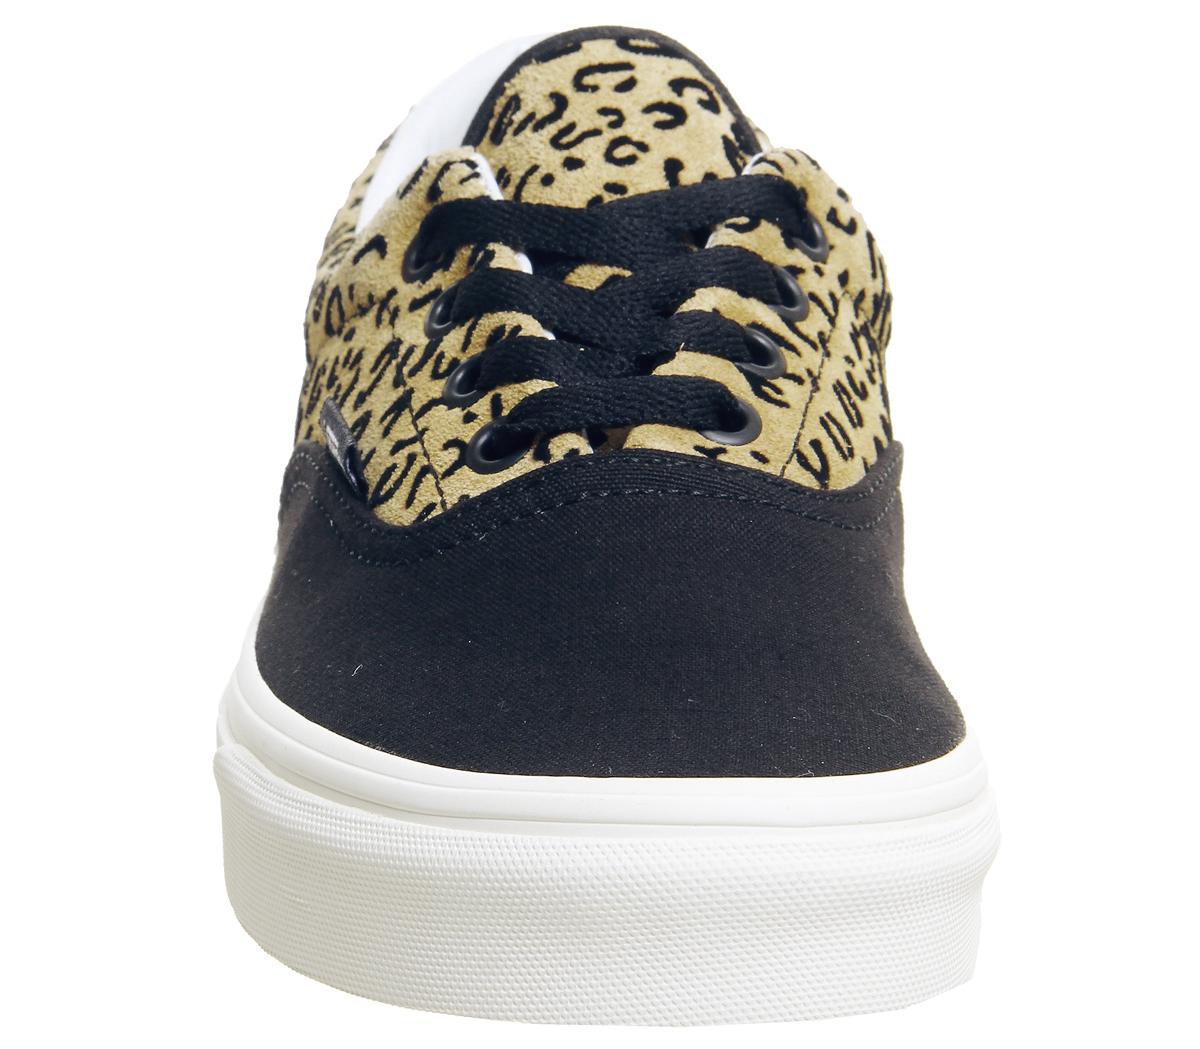 52cd4ec5811 CENTINELA Hombres Vans Era zapatillas leopardo negro CHICLOSO MARSHMELLOW  entrenadores exclusivos zapatos. CENTINELA Thumbnail 4